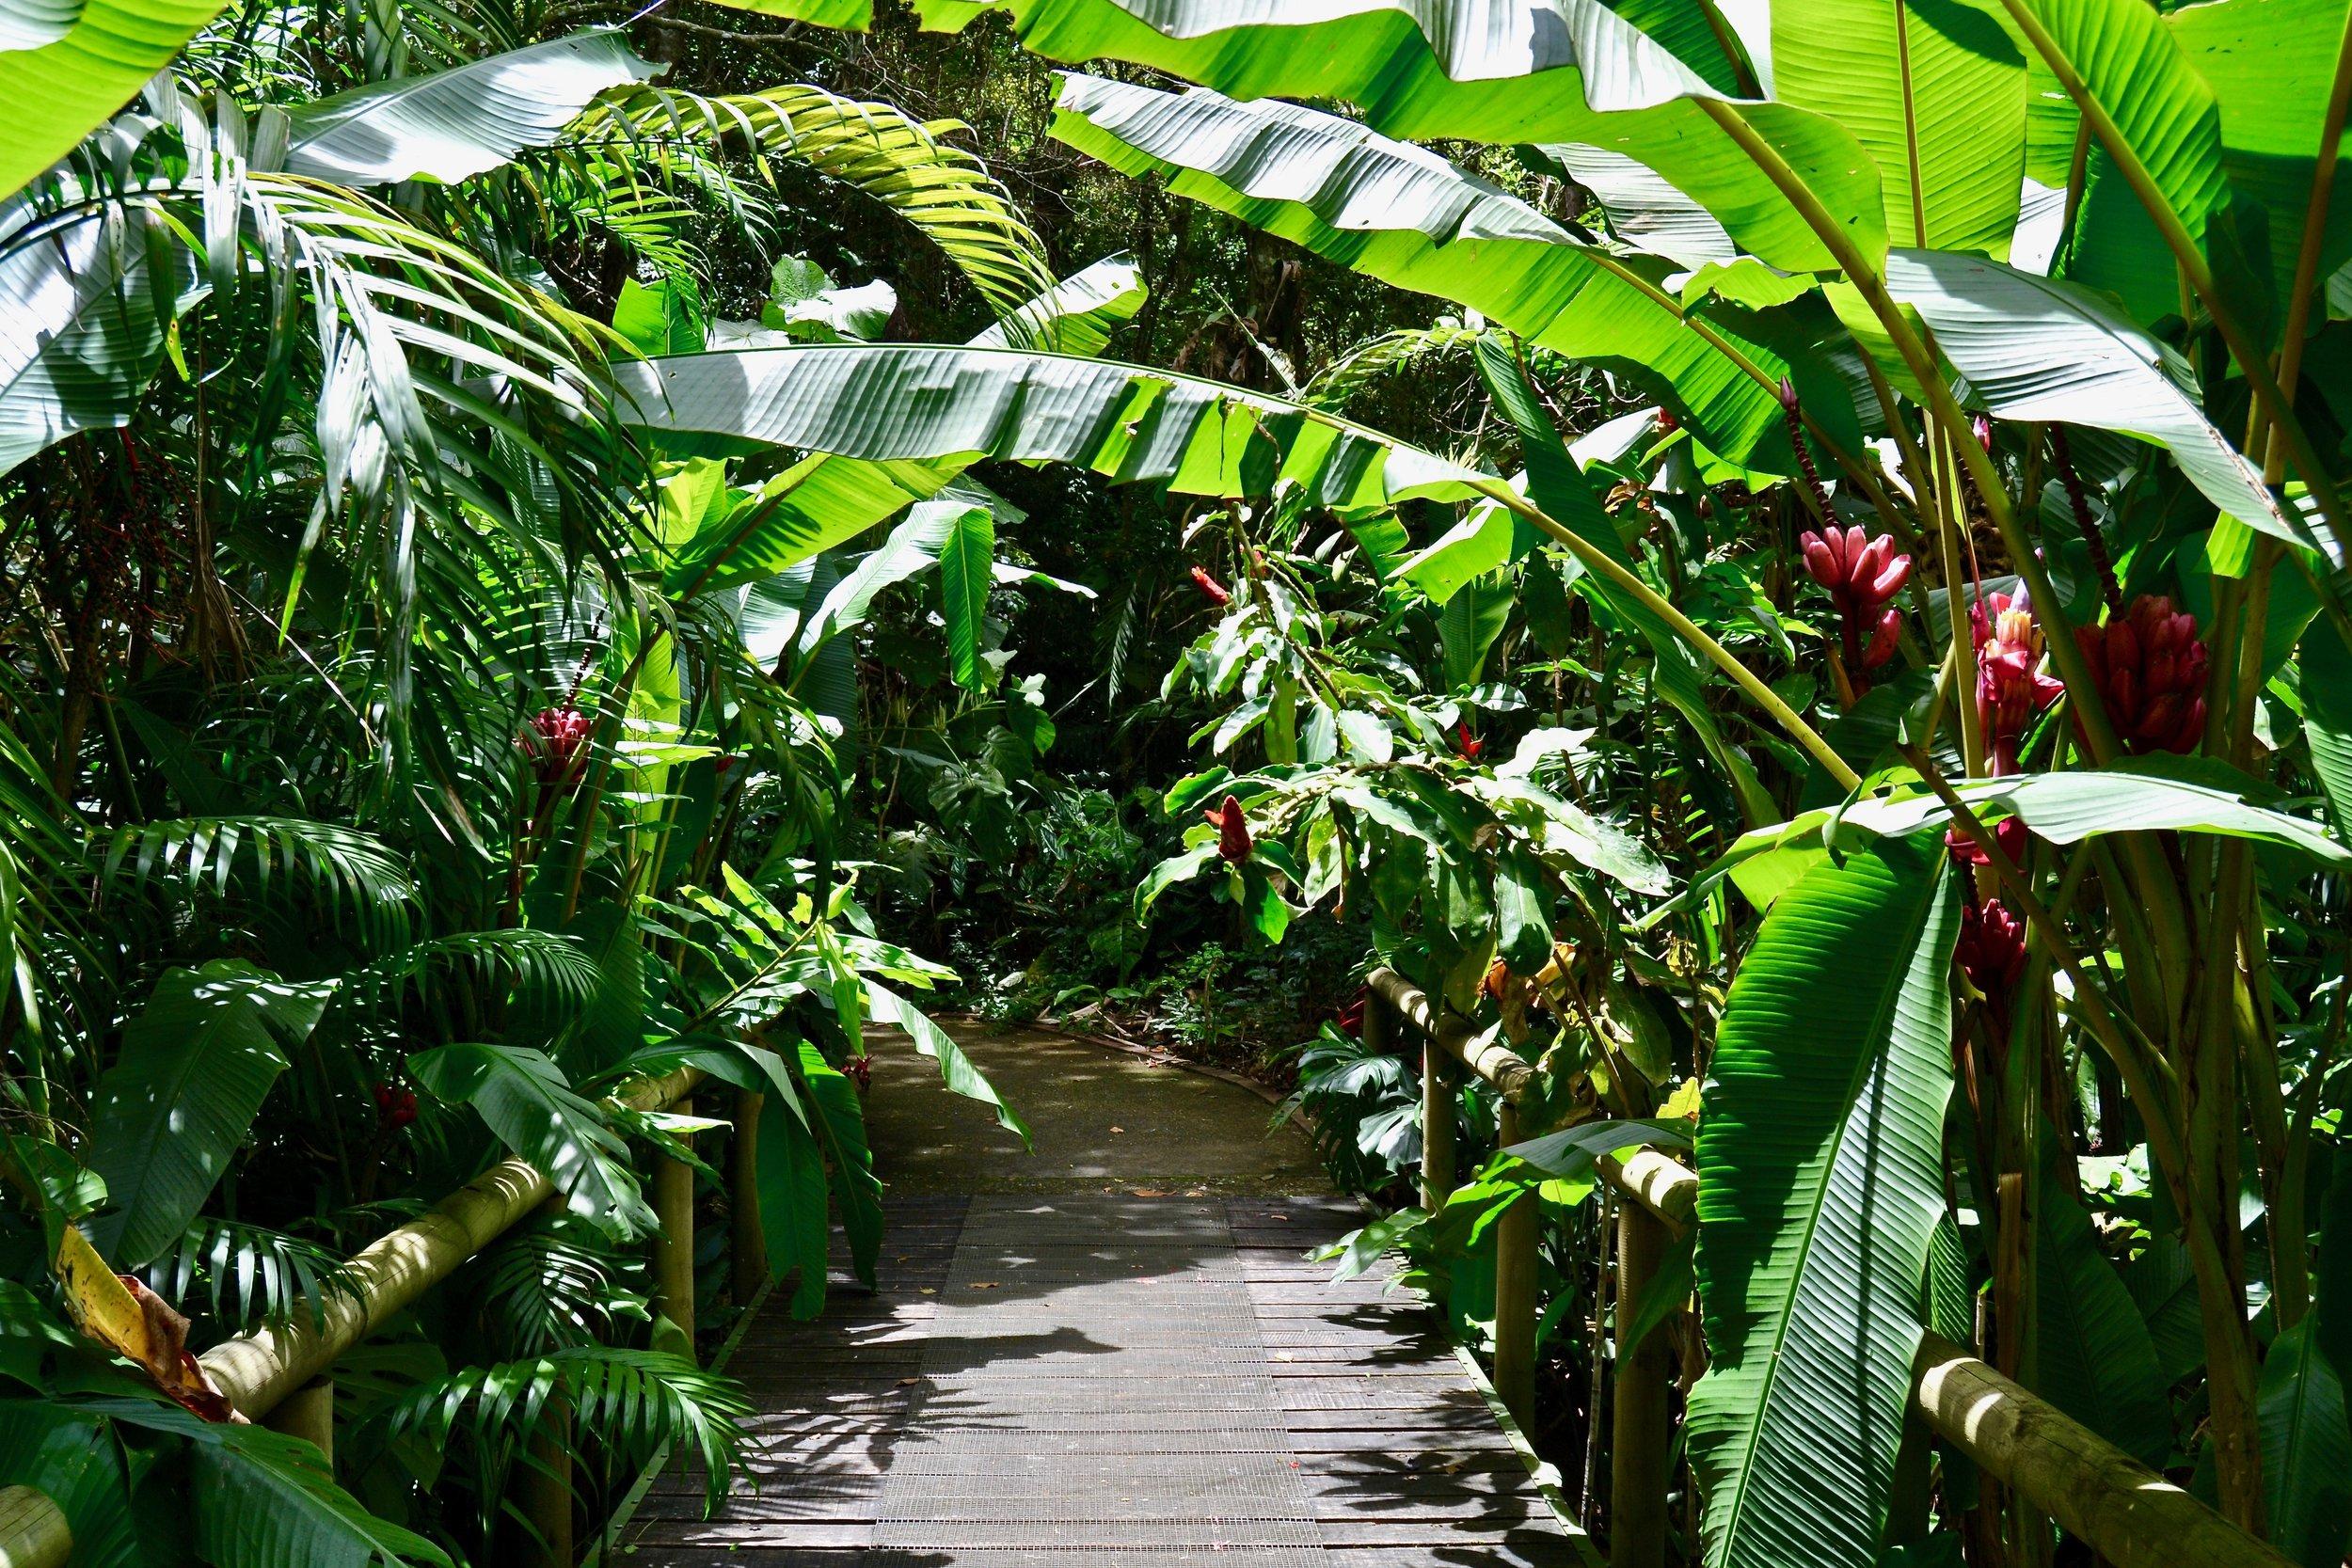 Walking through Lankester Botanical Garden